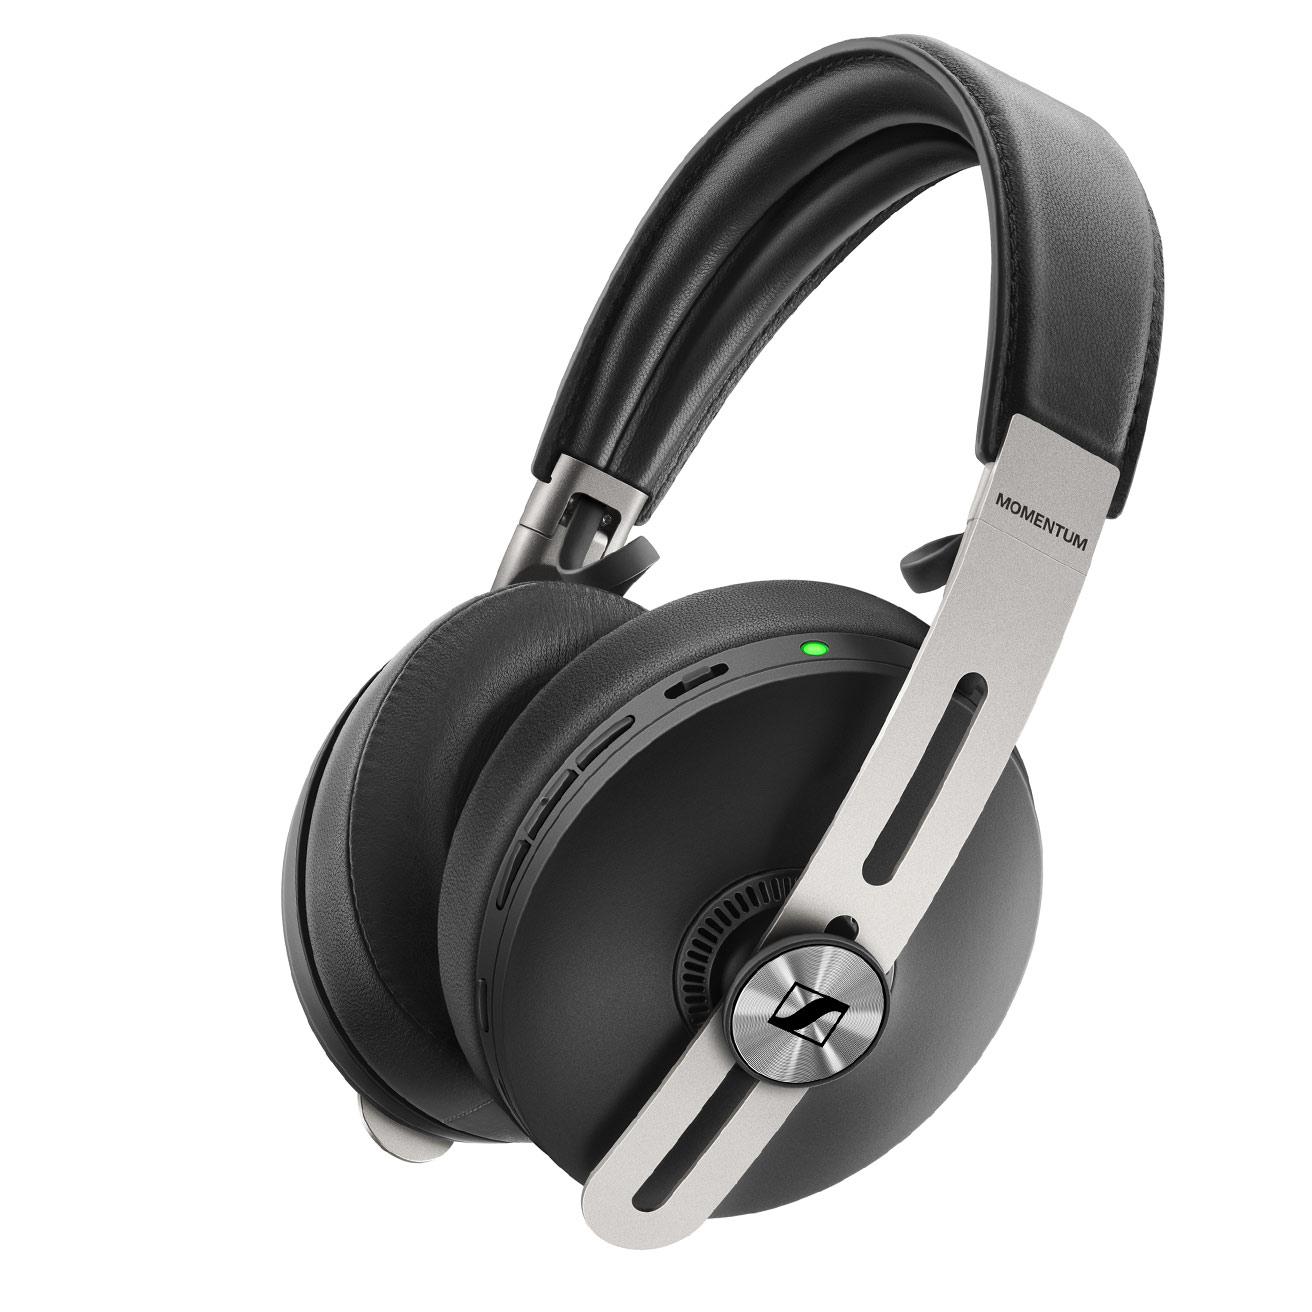 Sennheiser Momentum 3 wireless headphones in black - B stock £169 Sennheiser Shop